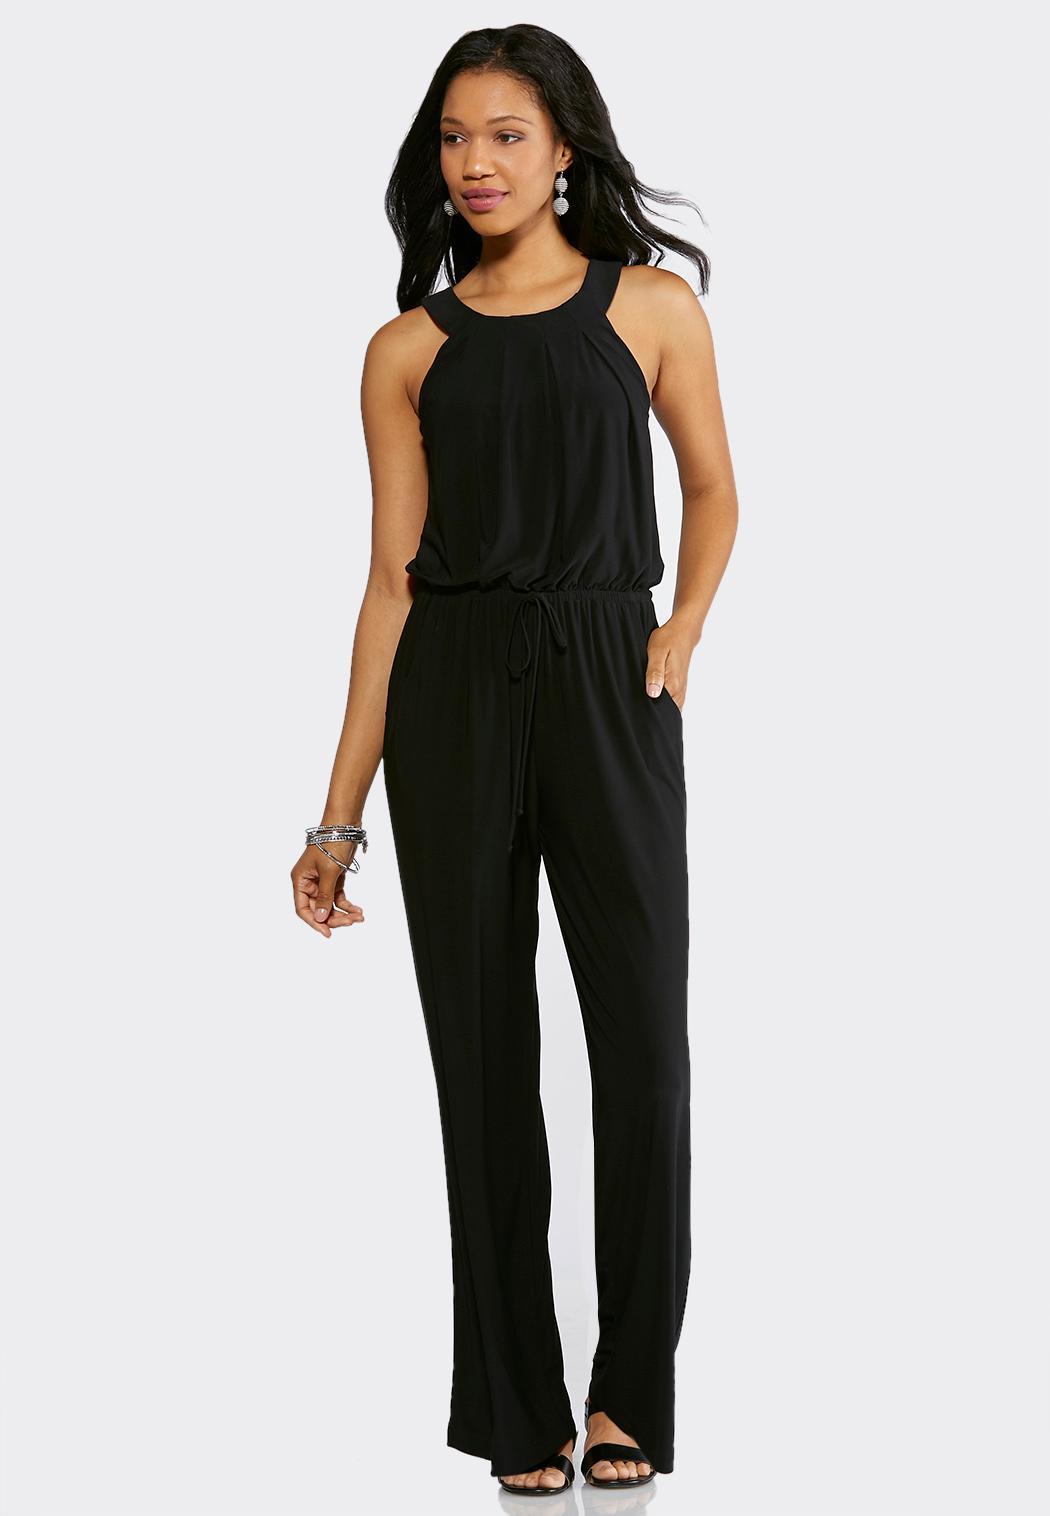 Womens Clothing Sizes 2 16